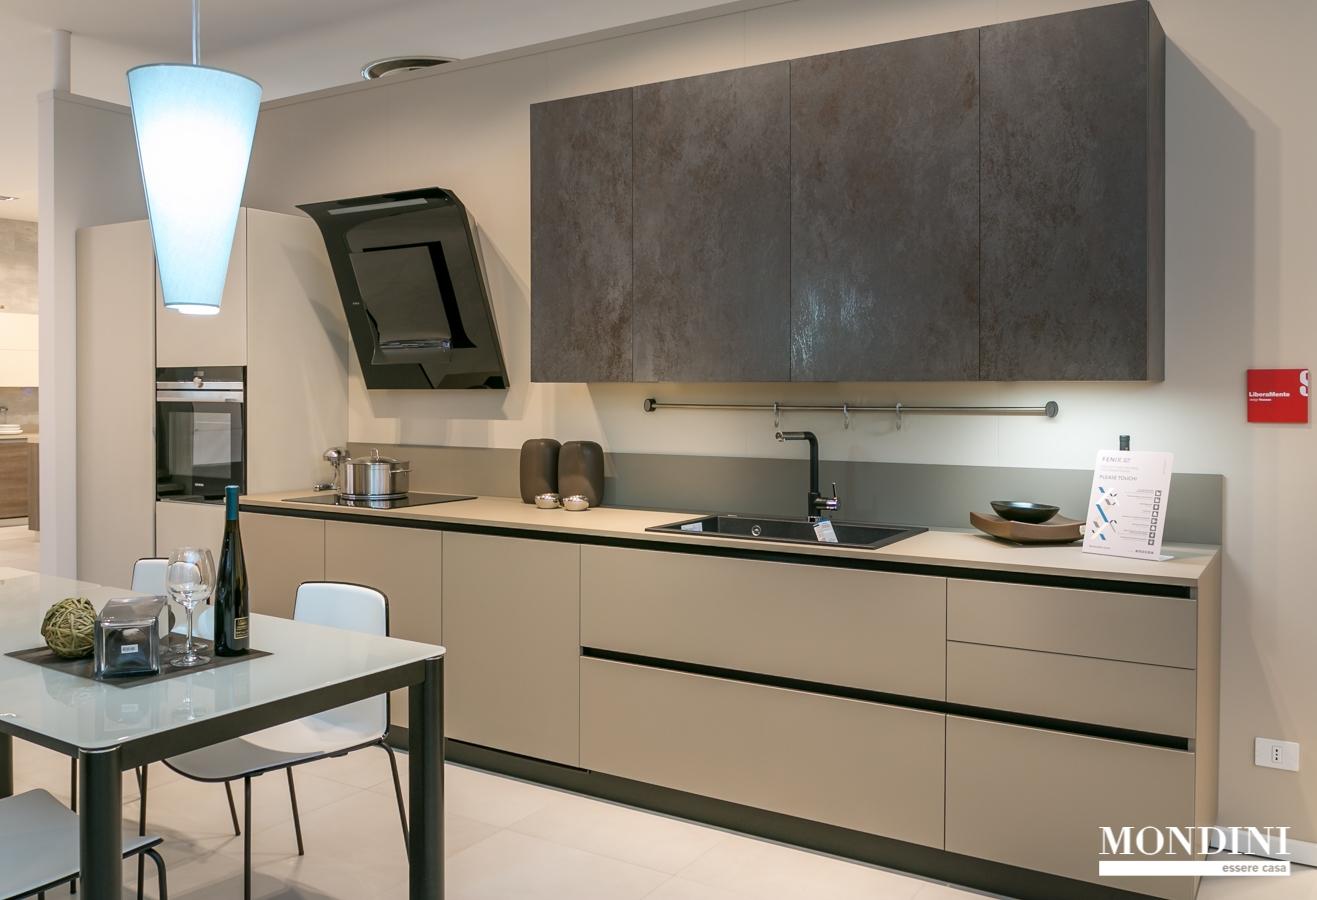 Cucina lineare scavolini liberamente in fenix scontata del - Top cucina scavolini ...